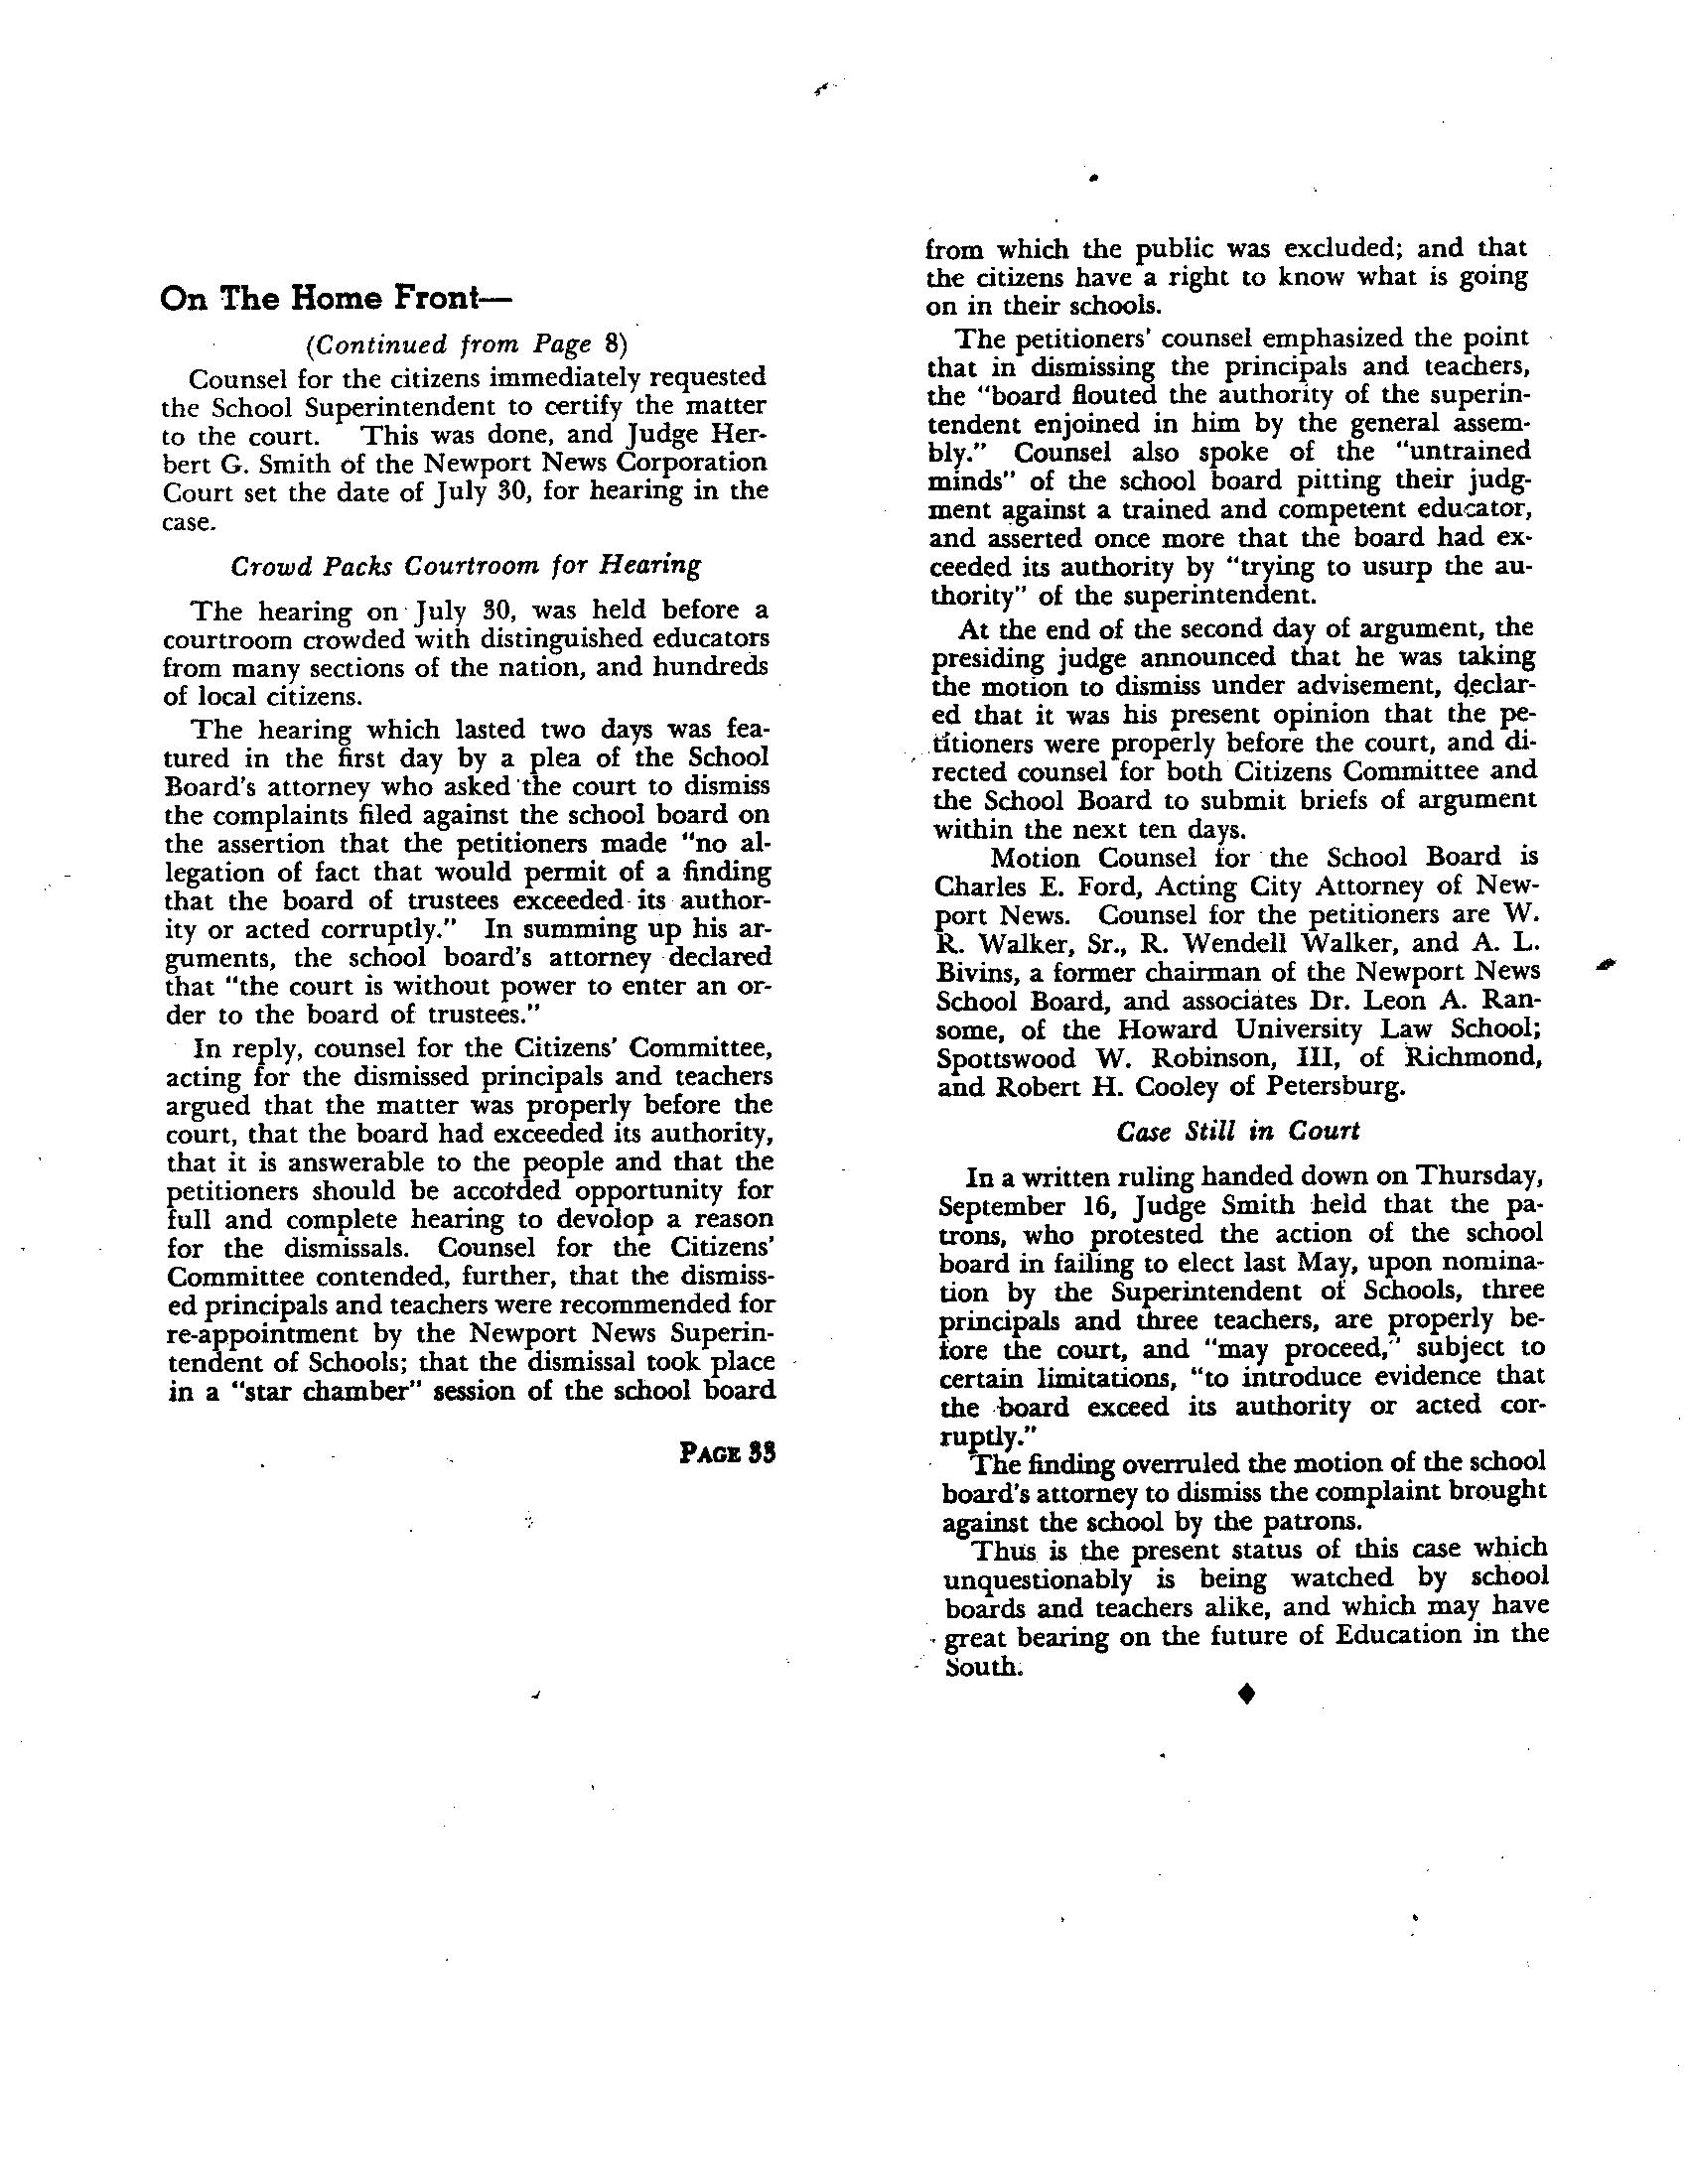 Zeta Lambda 1943 - The Newport News Case 4.png